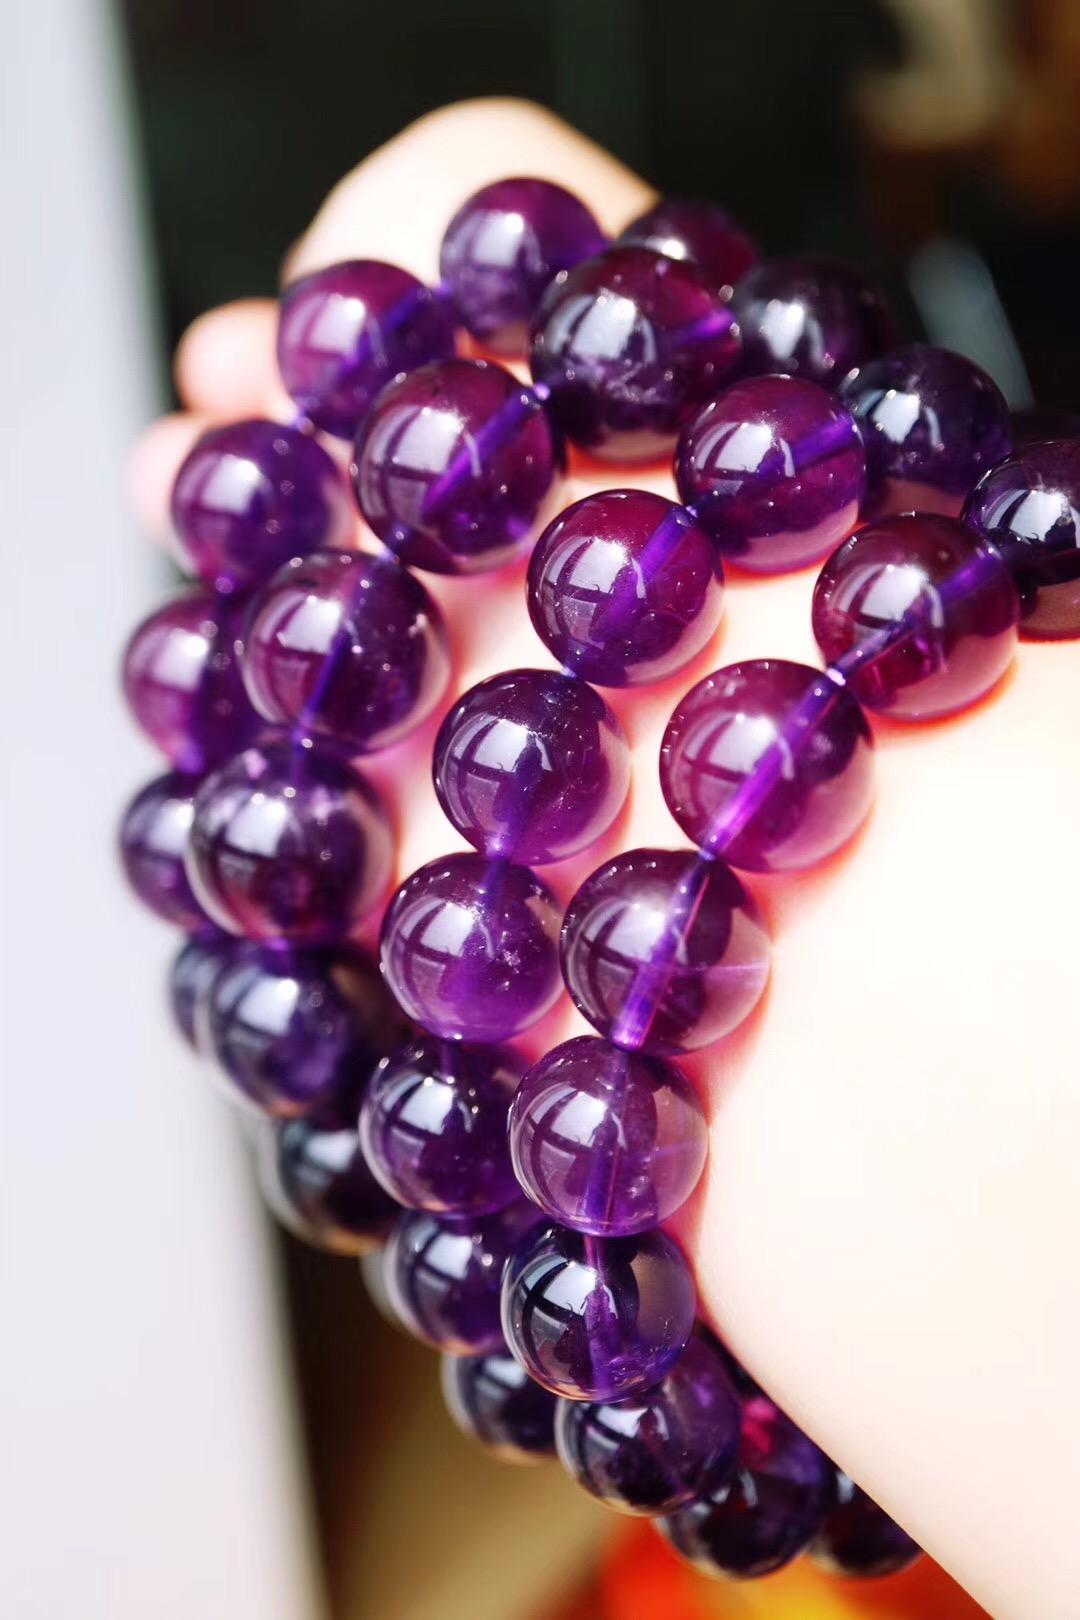 【菩心-紫水晶】乌拉圭顶级大珠子紫水晶,够大,能量够正-菩心晶舍